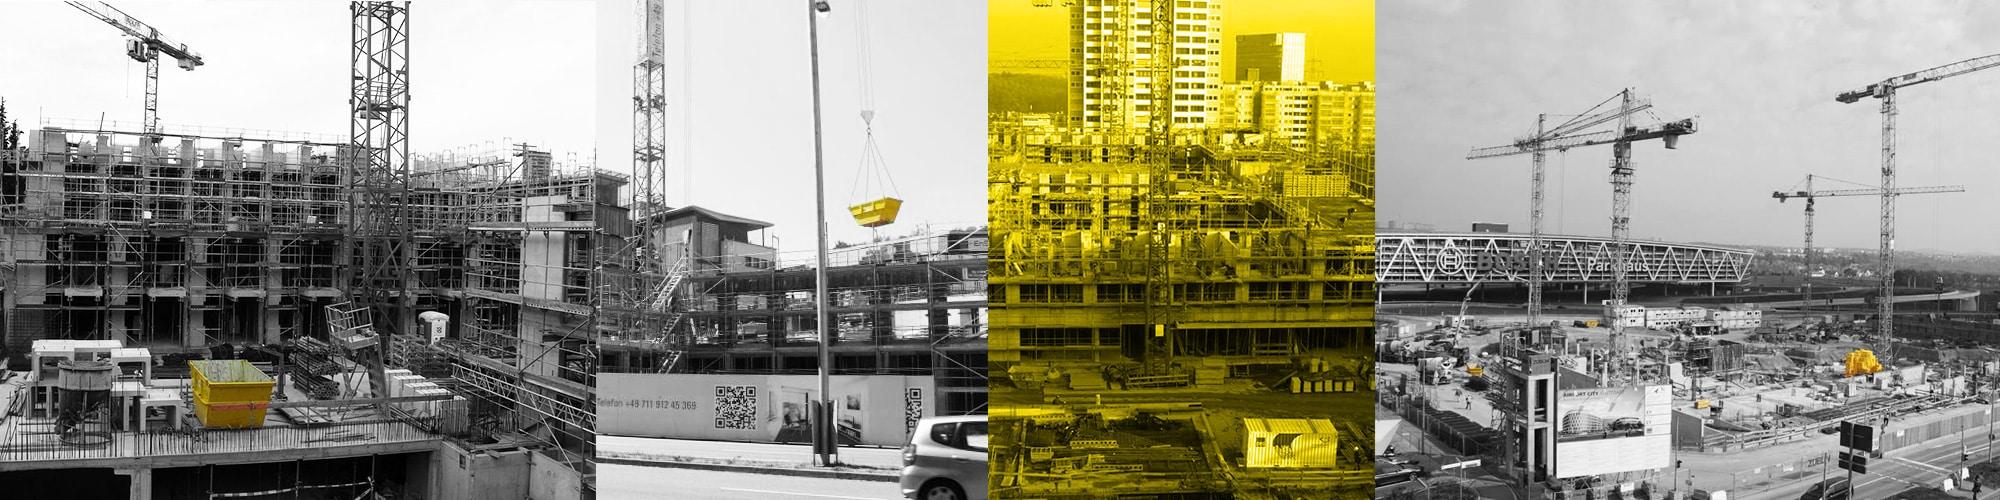 Referenzen von Bloching – Entsorgungsbetrieb und Containerdienst